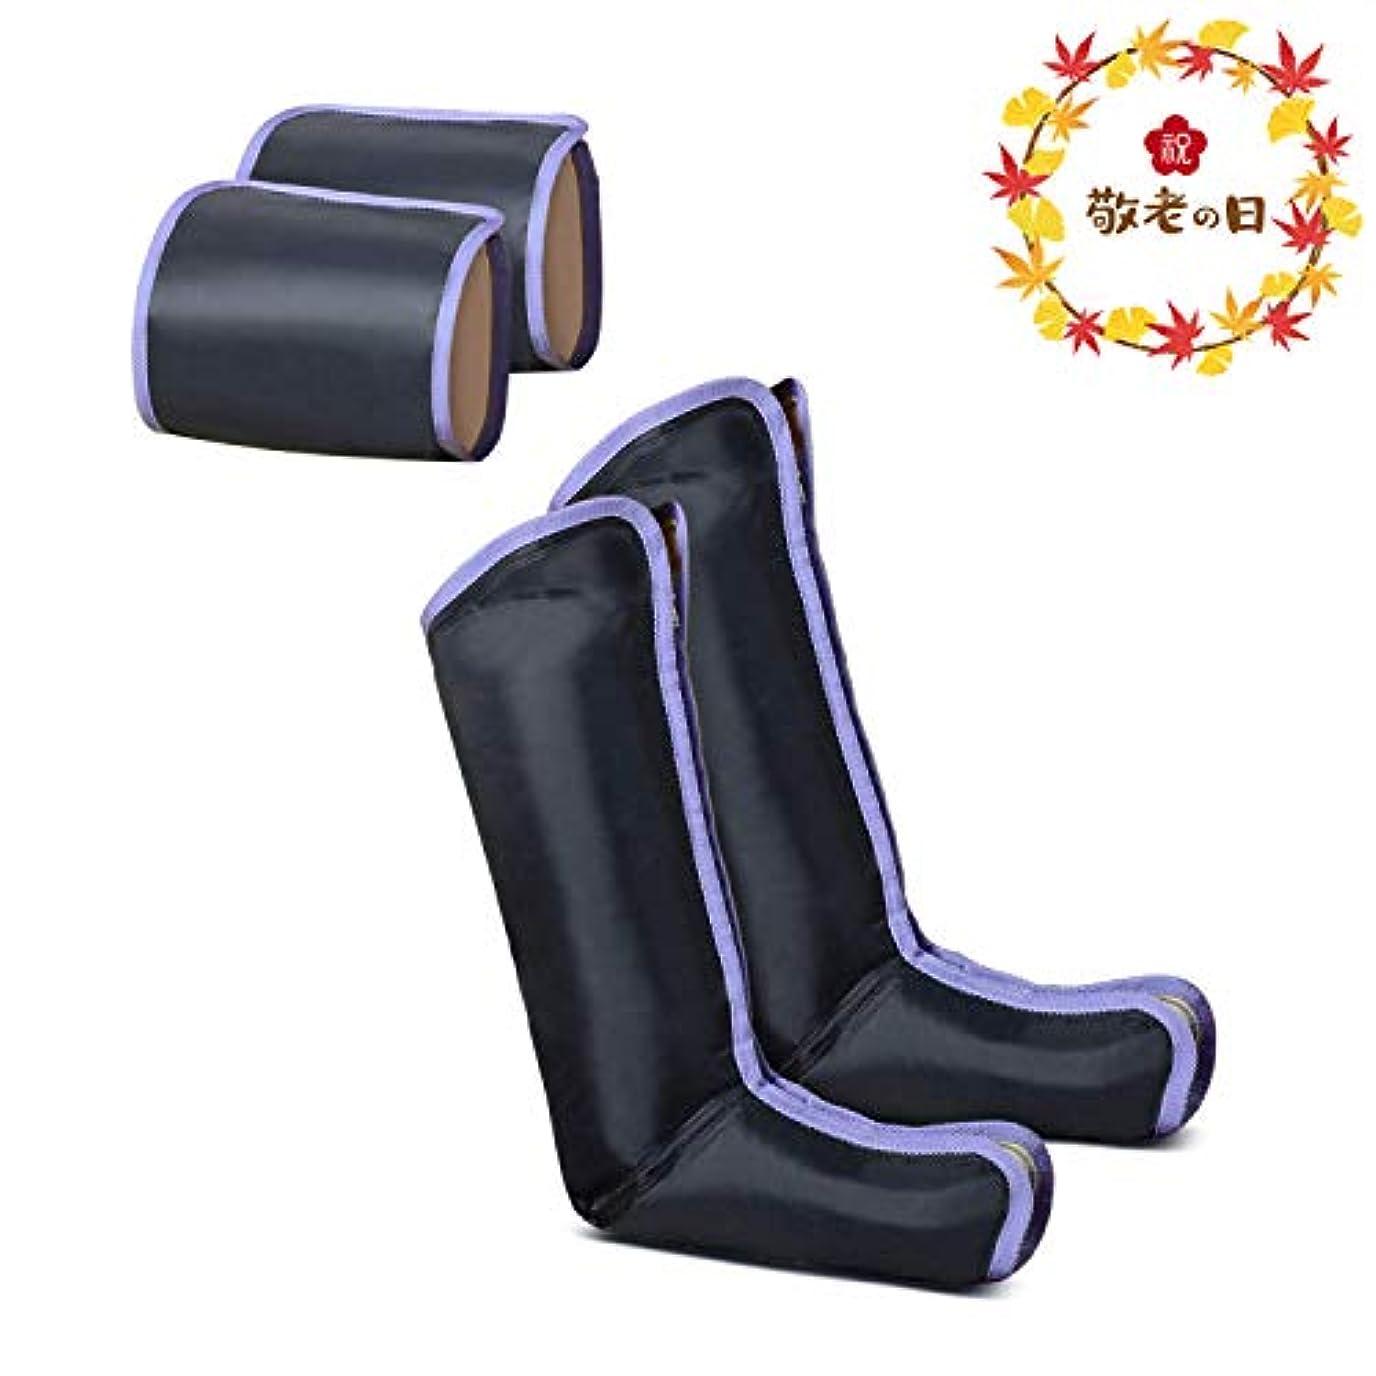 スキッパーメキシコベアリングサークルSOLIN エアーマッサージャー 電気マッサージ機 ひざ 太もも対応 血行の促進